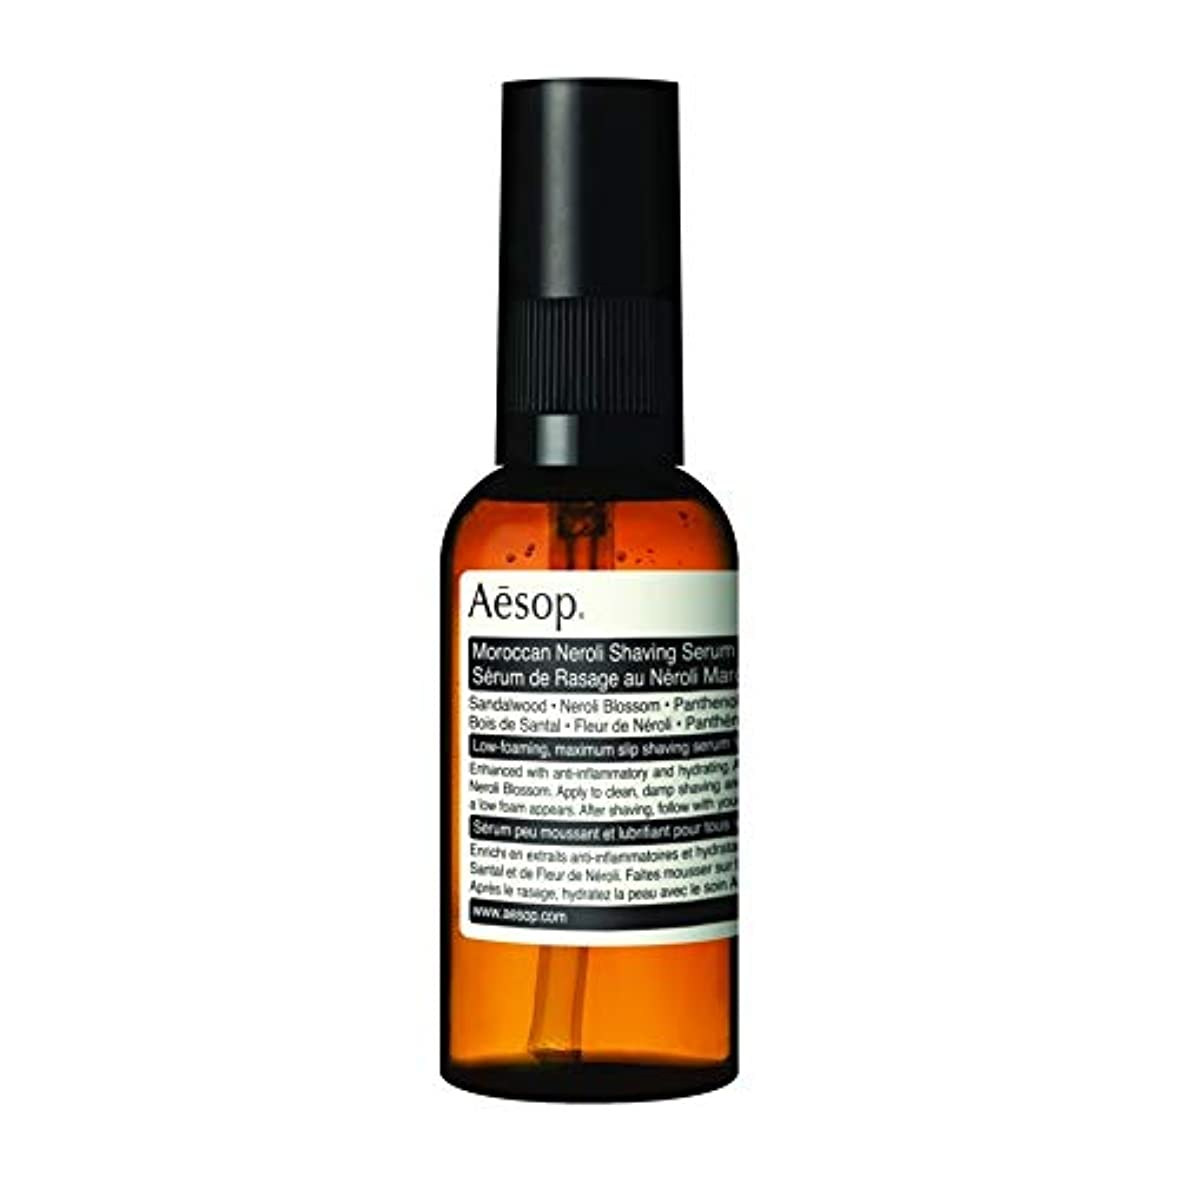 収穫メロディアスカード[Aesop] イソップモロッコネロリシェービング血清60ミリリットル - Aesop Moroccan Neroli Shaving Serum 60ml [並行輸入品]